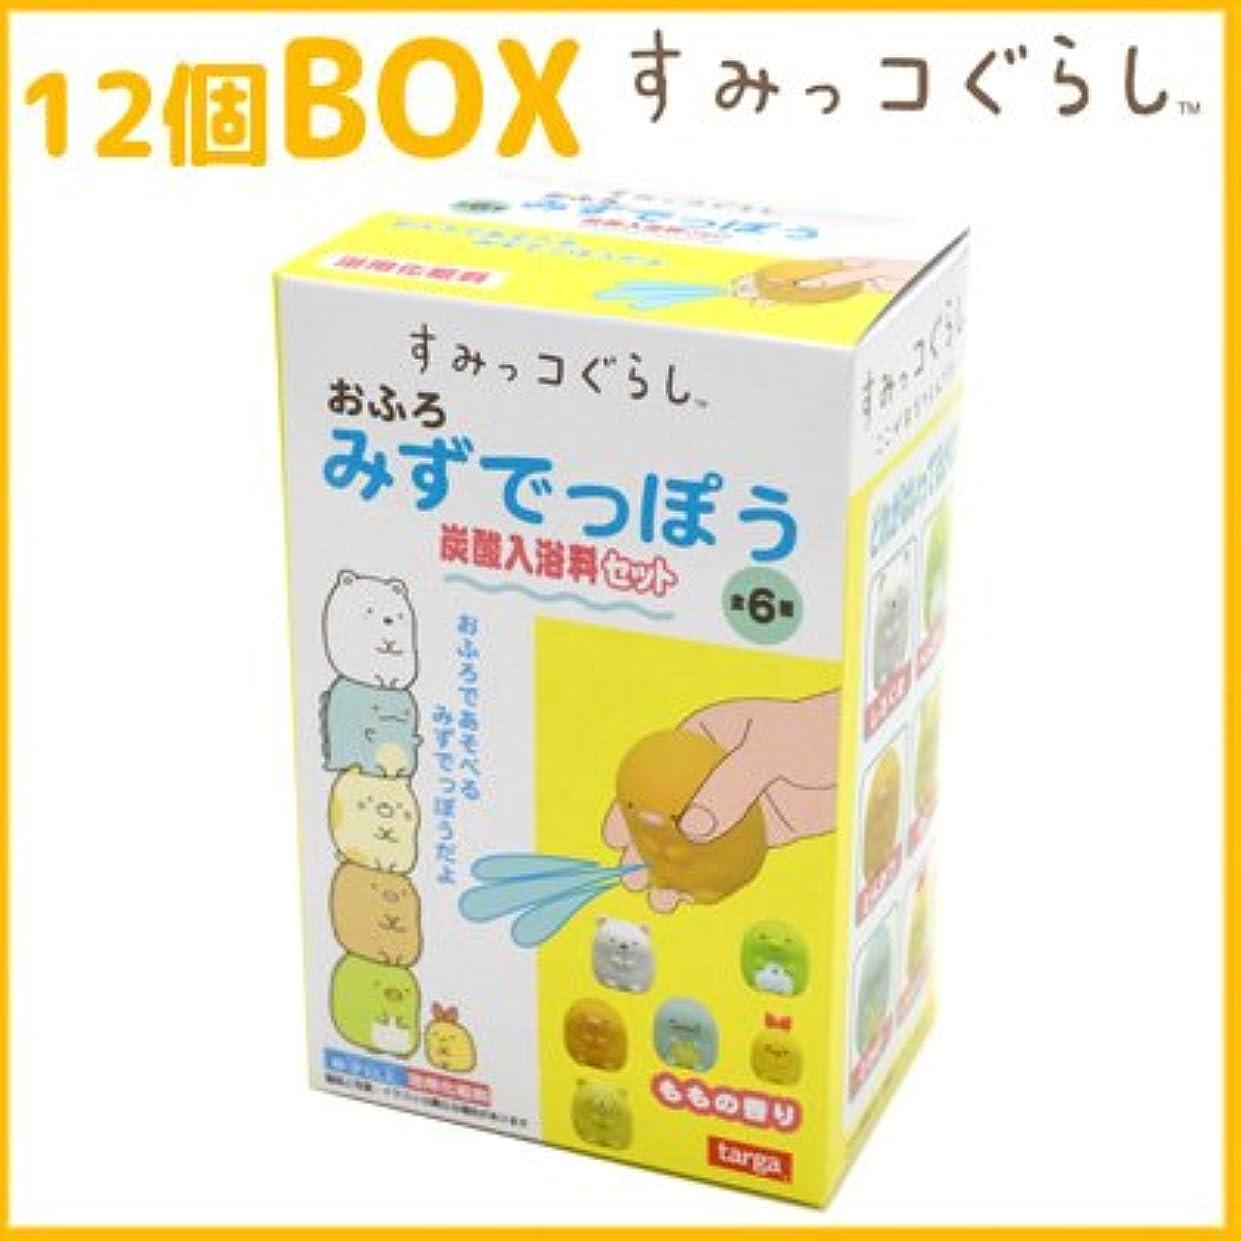 鮮やかなこどもの宮殿潤滑するすみっコぐらしおふろみずてっぽう炭酸入浴剤セット12個セットBOX販売